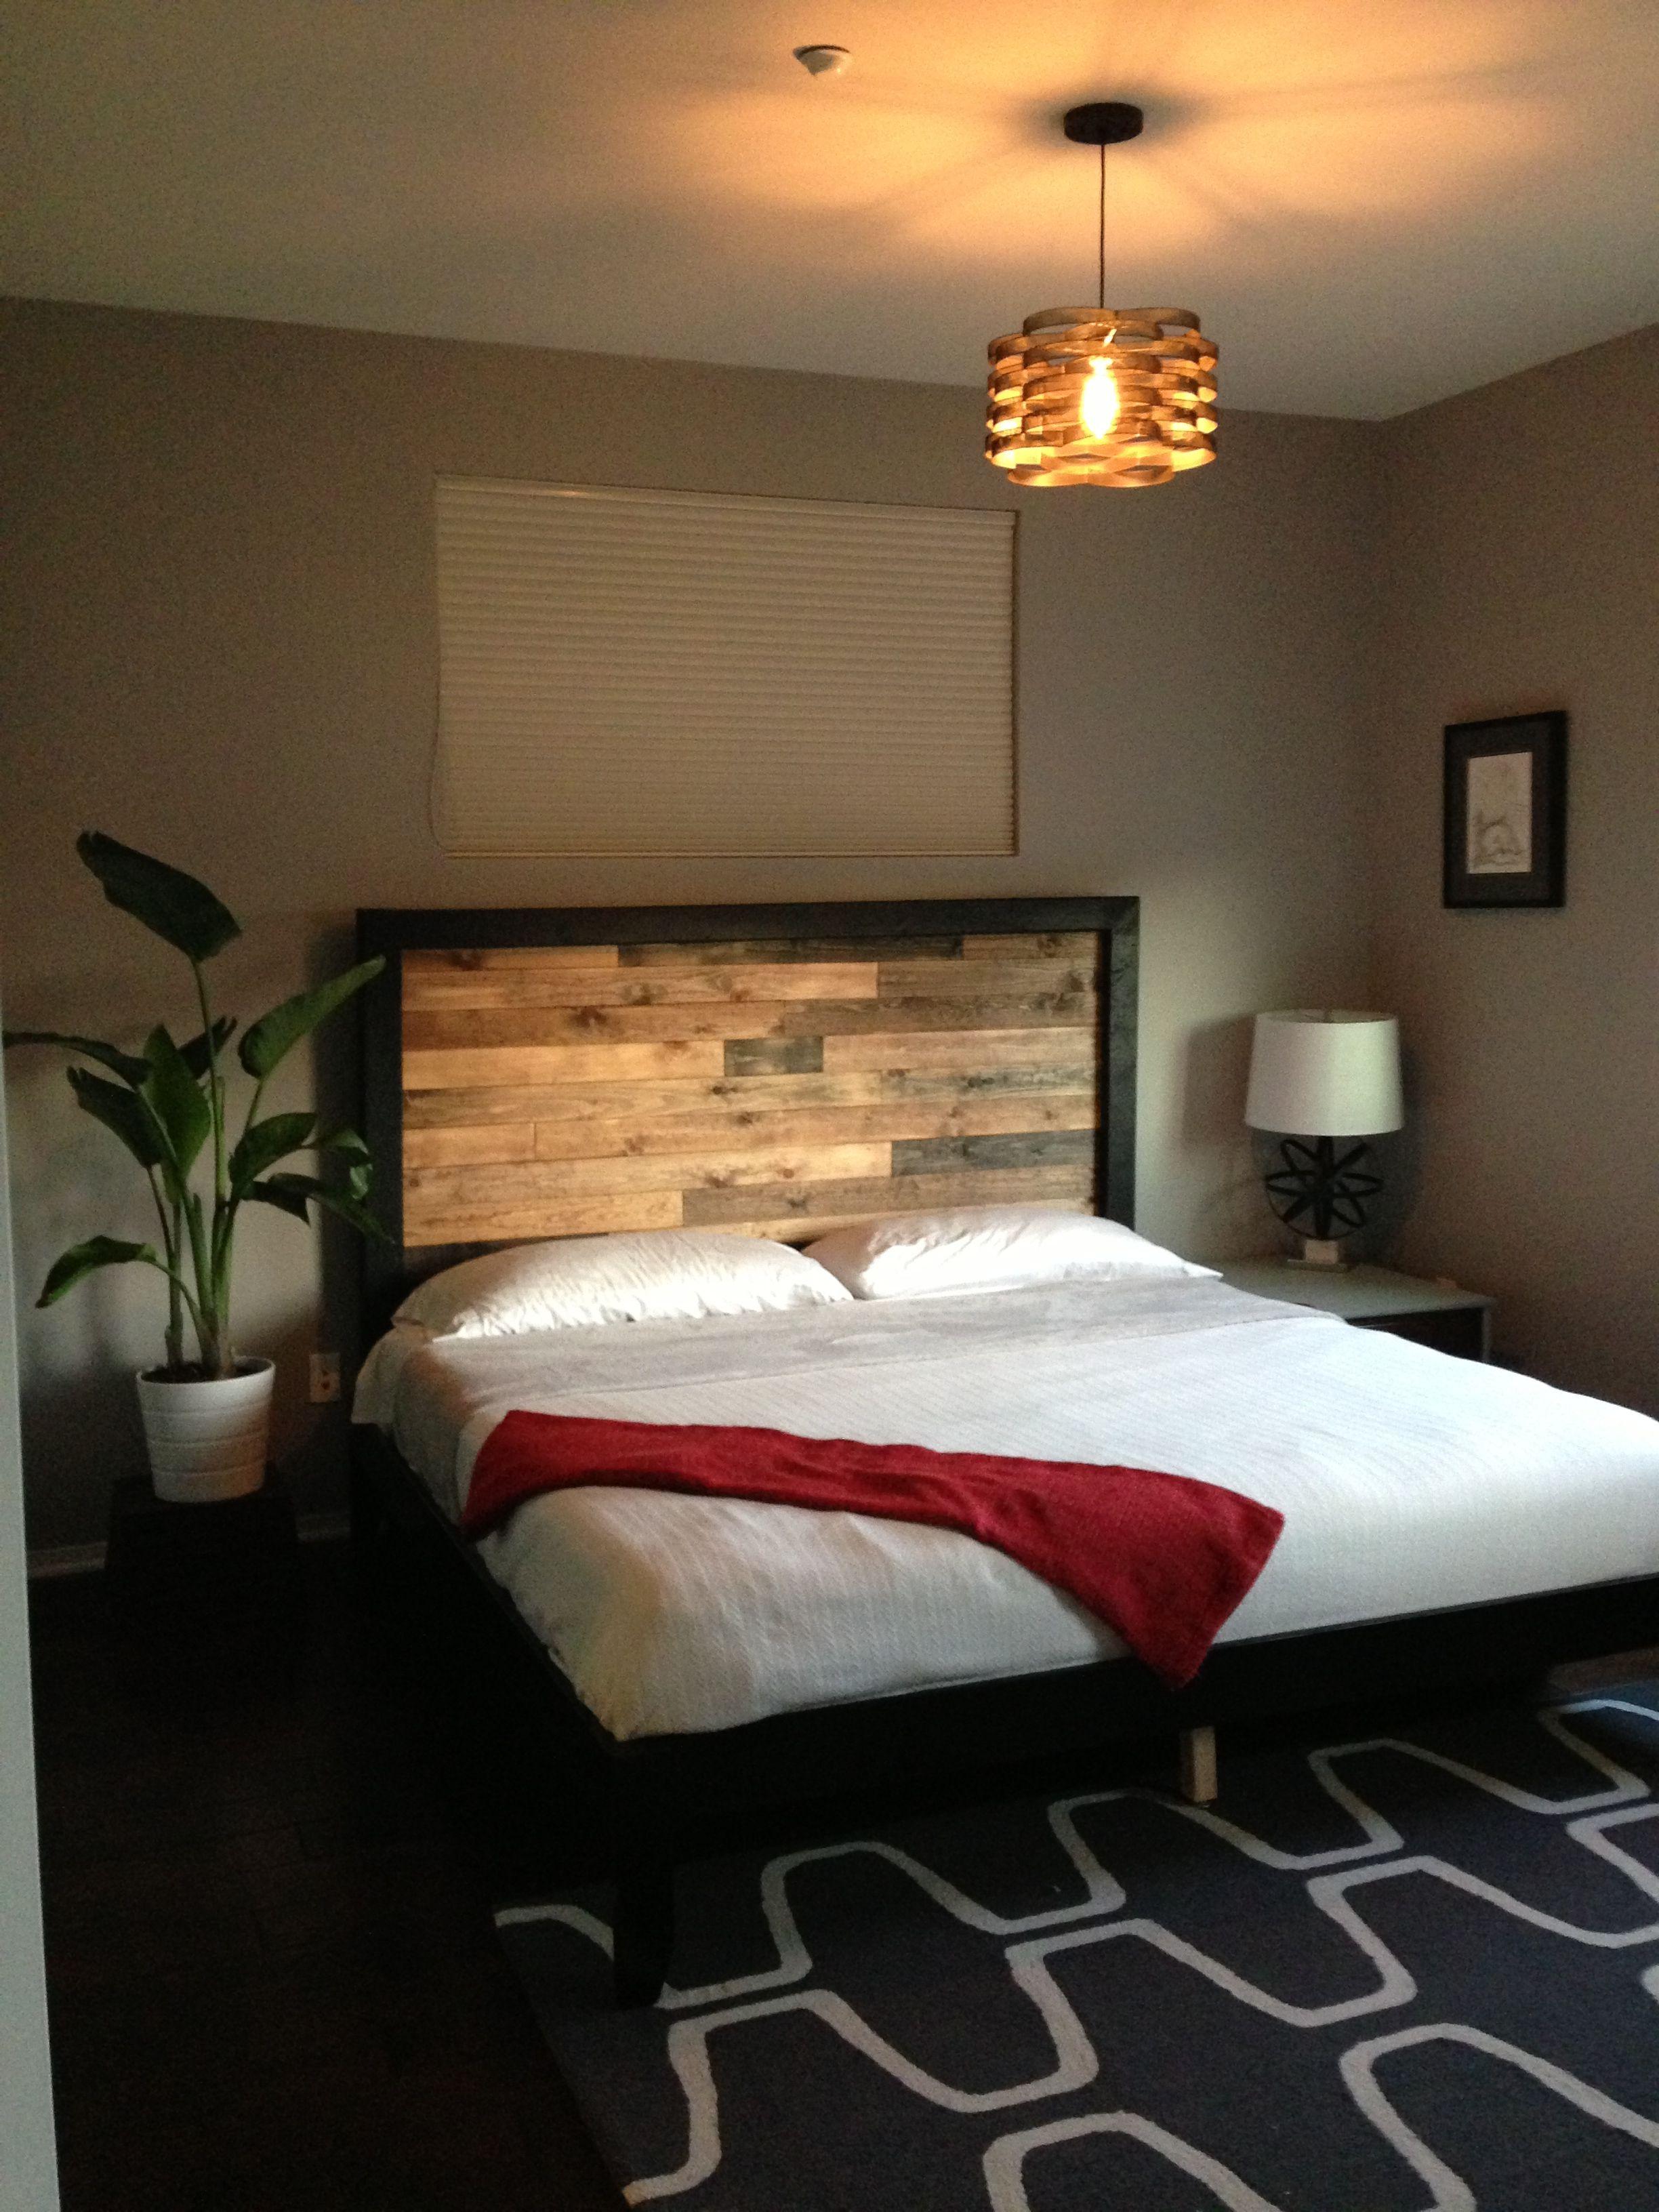 bachelor bedroom design ideas vintage Master bedroom for single male client. Www.style-bites.com